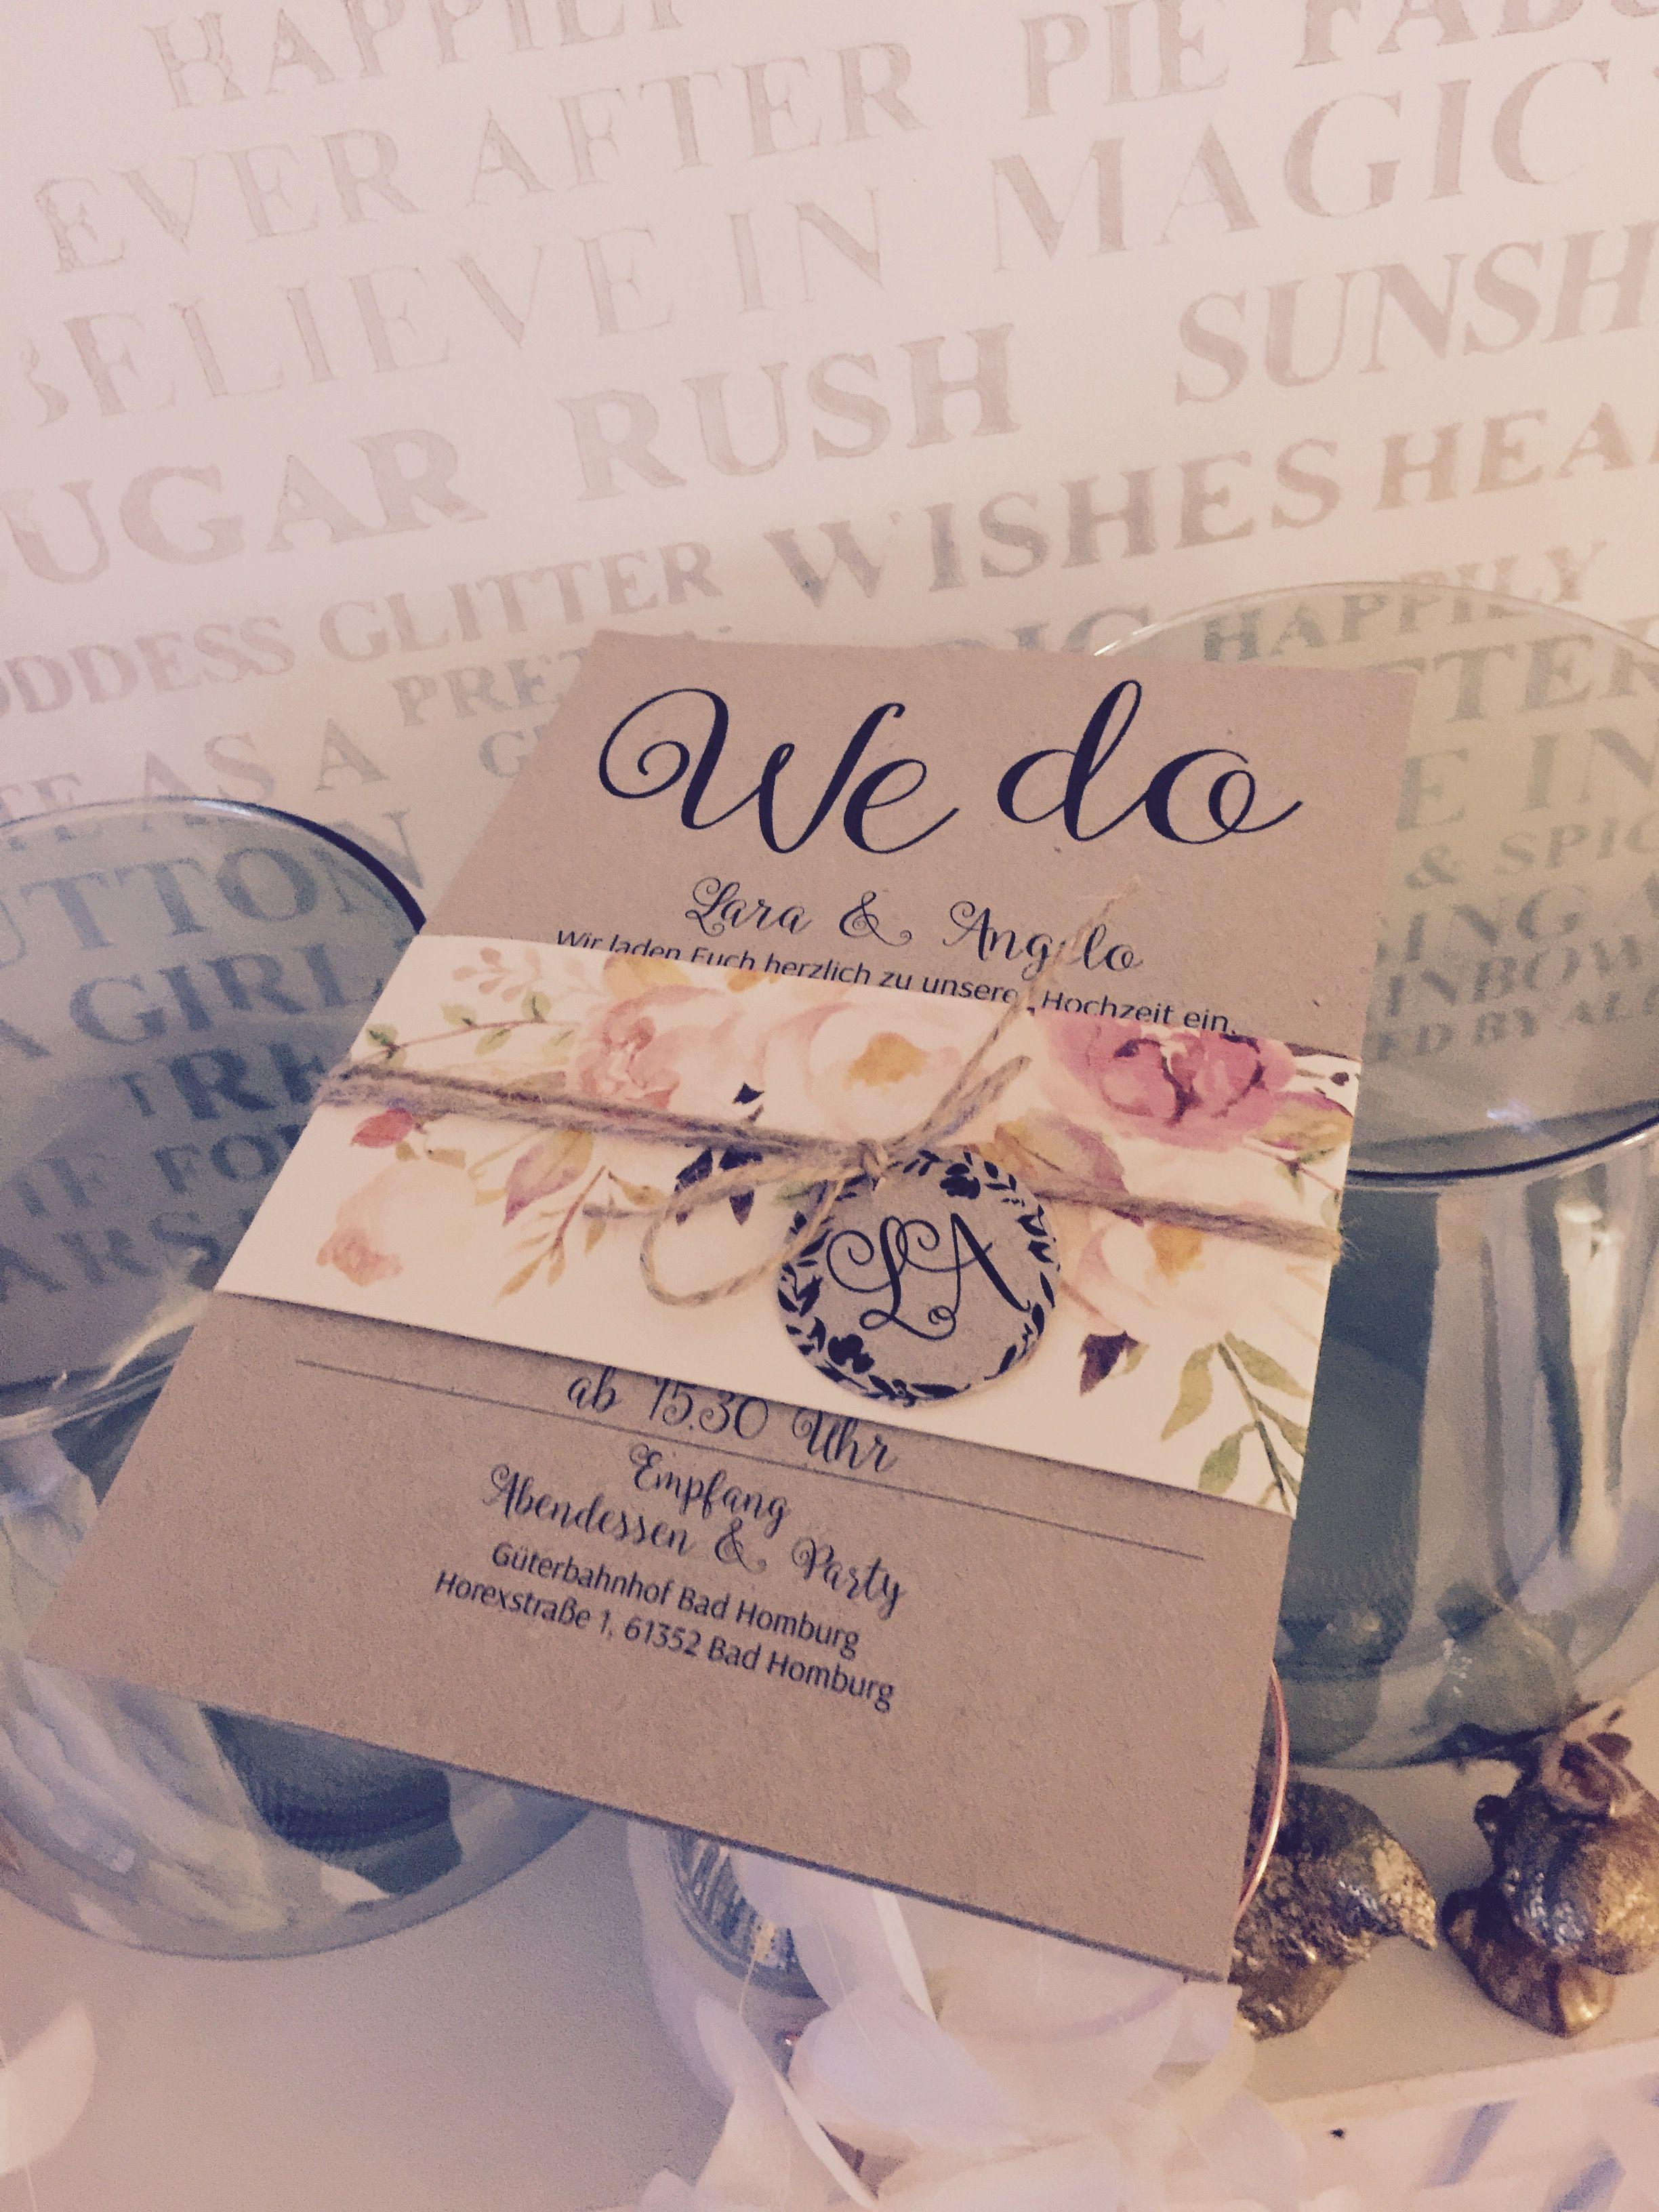 Superb Papier Fur Einladungskarten Hochzeit #14: Einladungskarten Hochzeit Vintage Mit Aquarell Blumen , Watercolor, Kordel  Und Kraft Papier - Hand Made